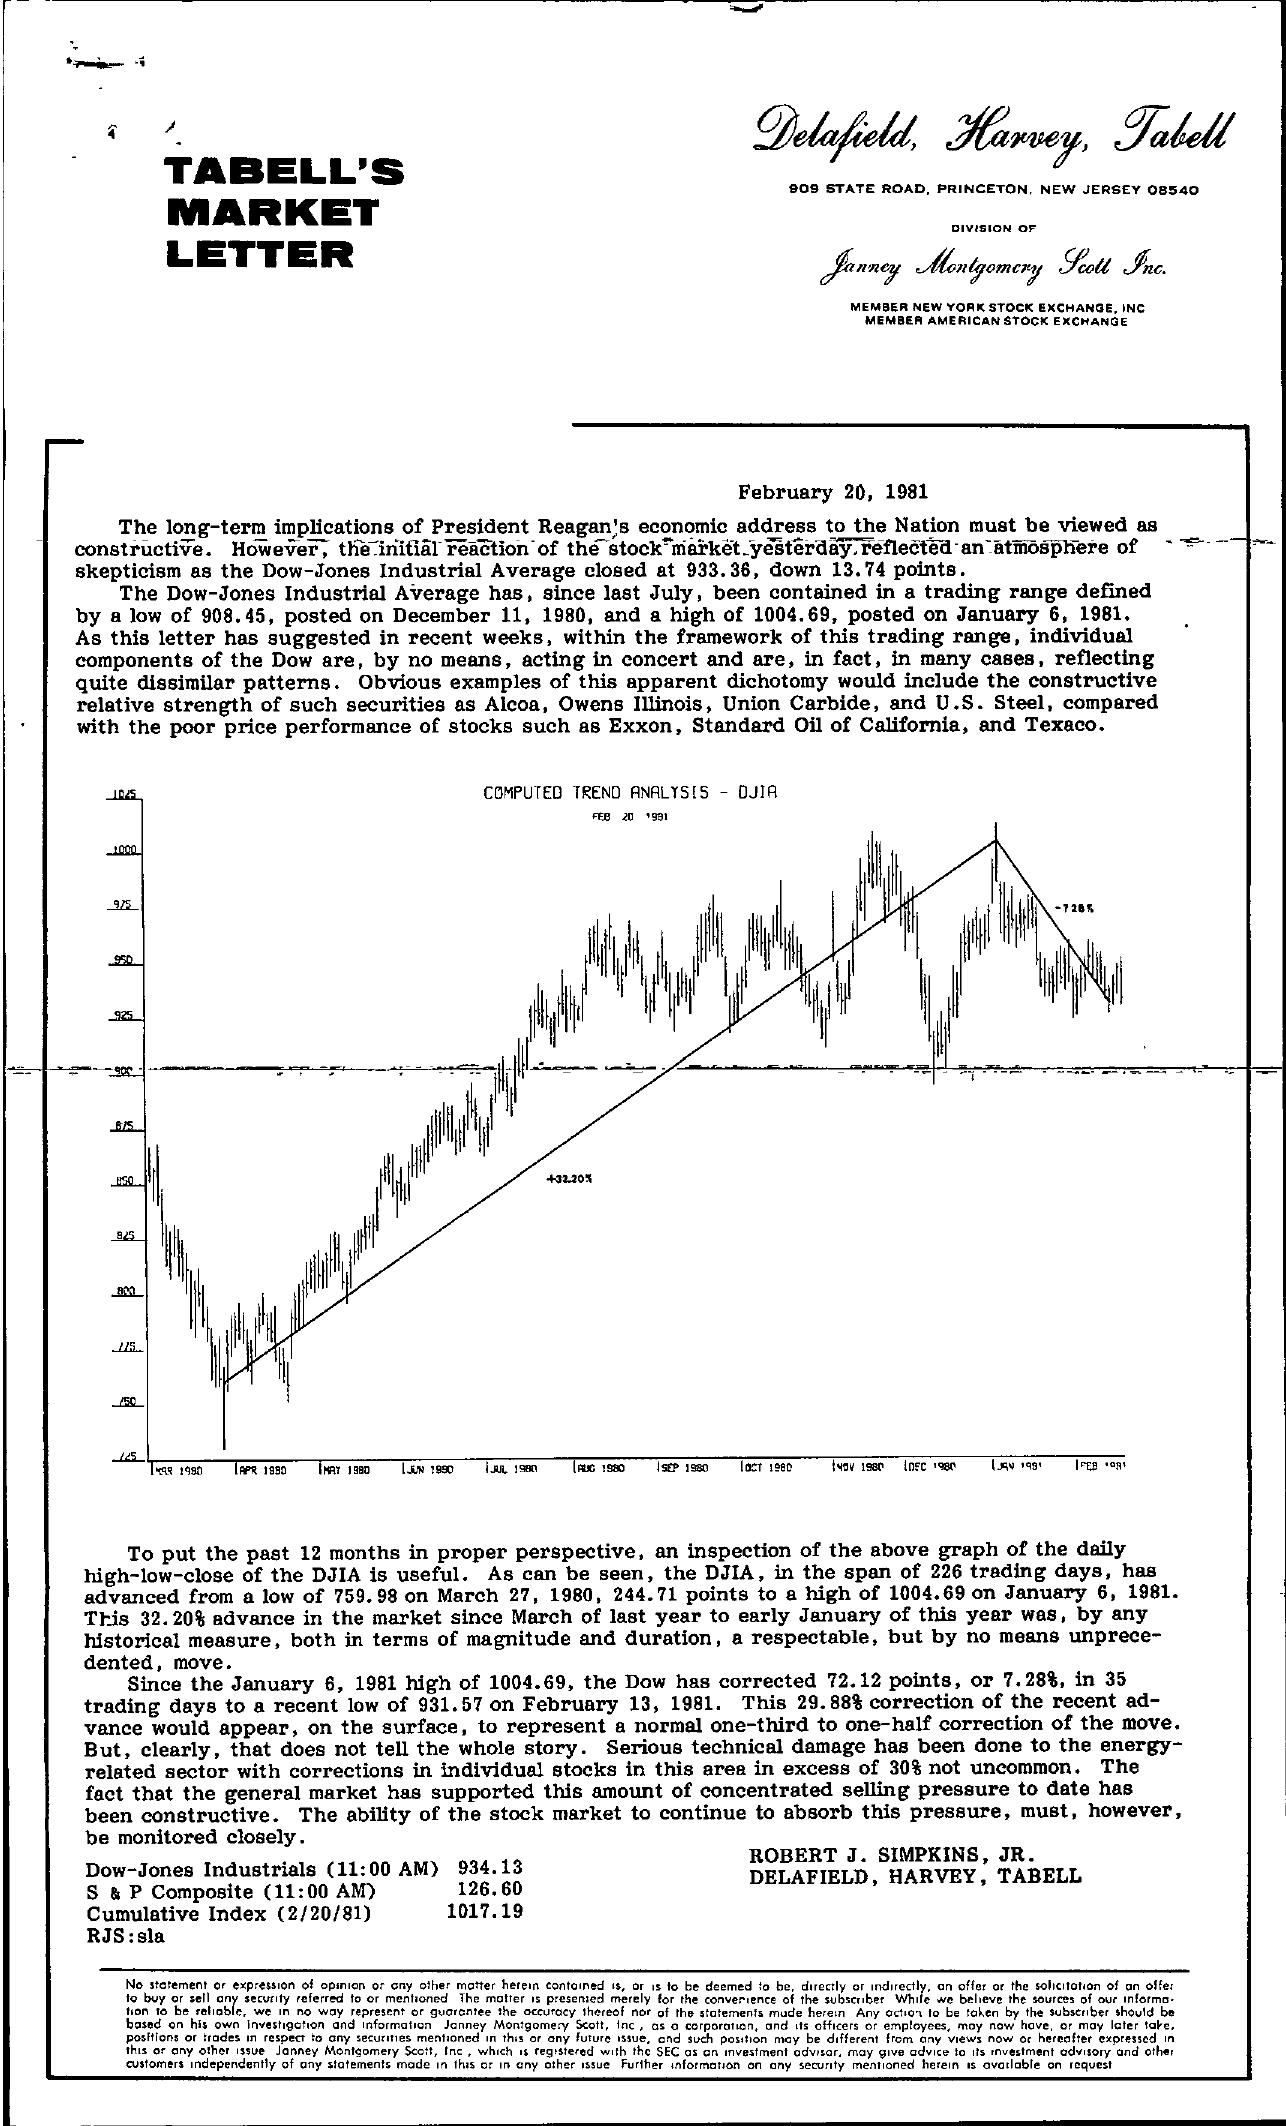 Tabell's Market Letter - February 20, 1981